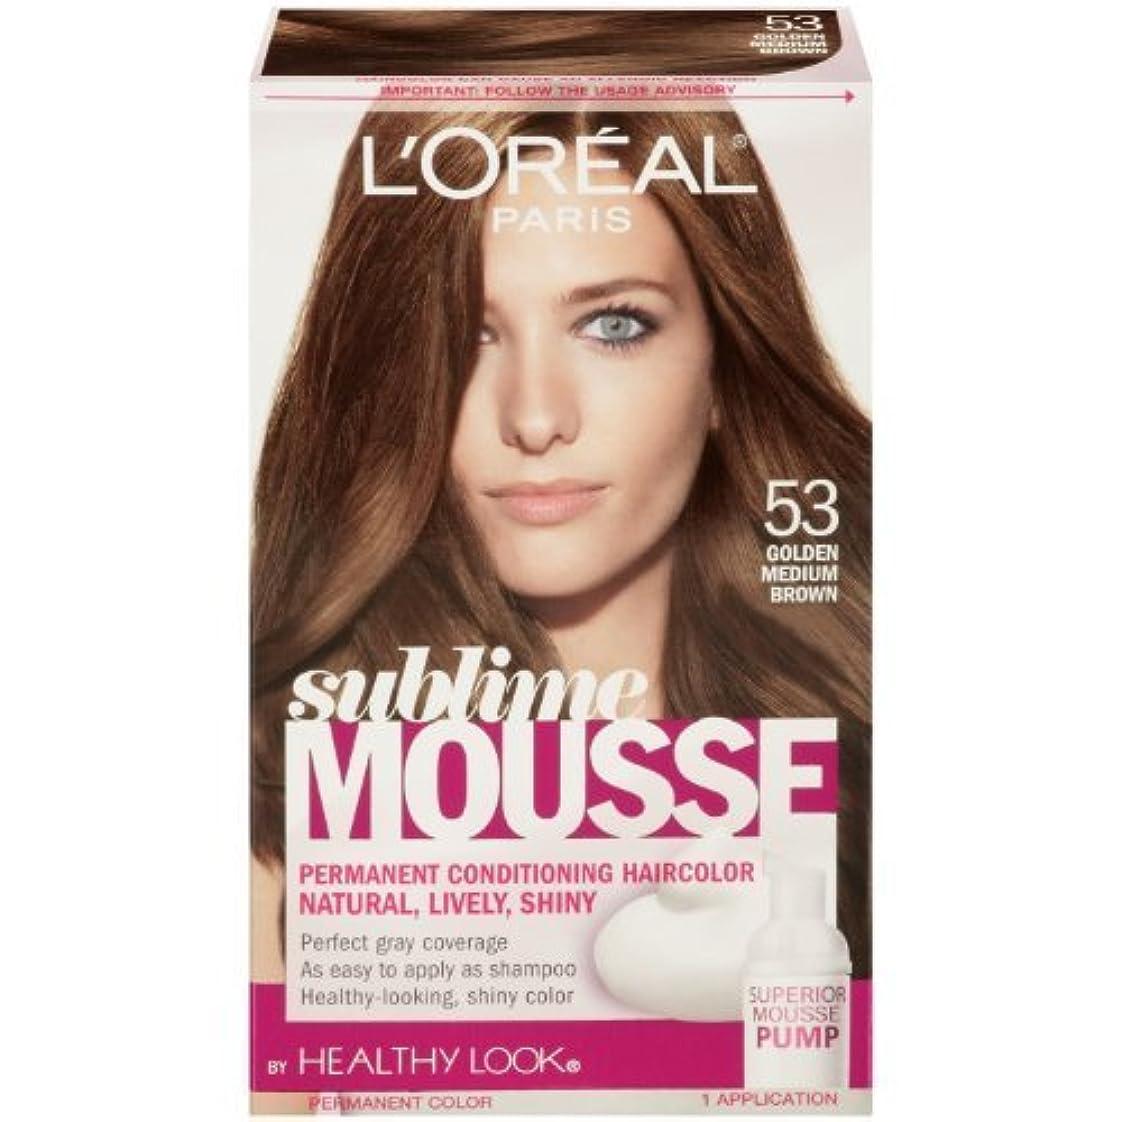 自発的きちんとした略奪L'Oreal Paris Sublime Mousse by Healthy Look Hair Color, 53 Golden Medium Brown by SUBLIME MOUSSE [並行輸入品]